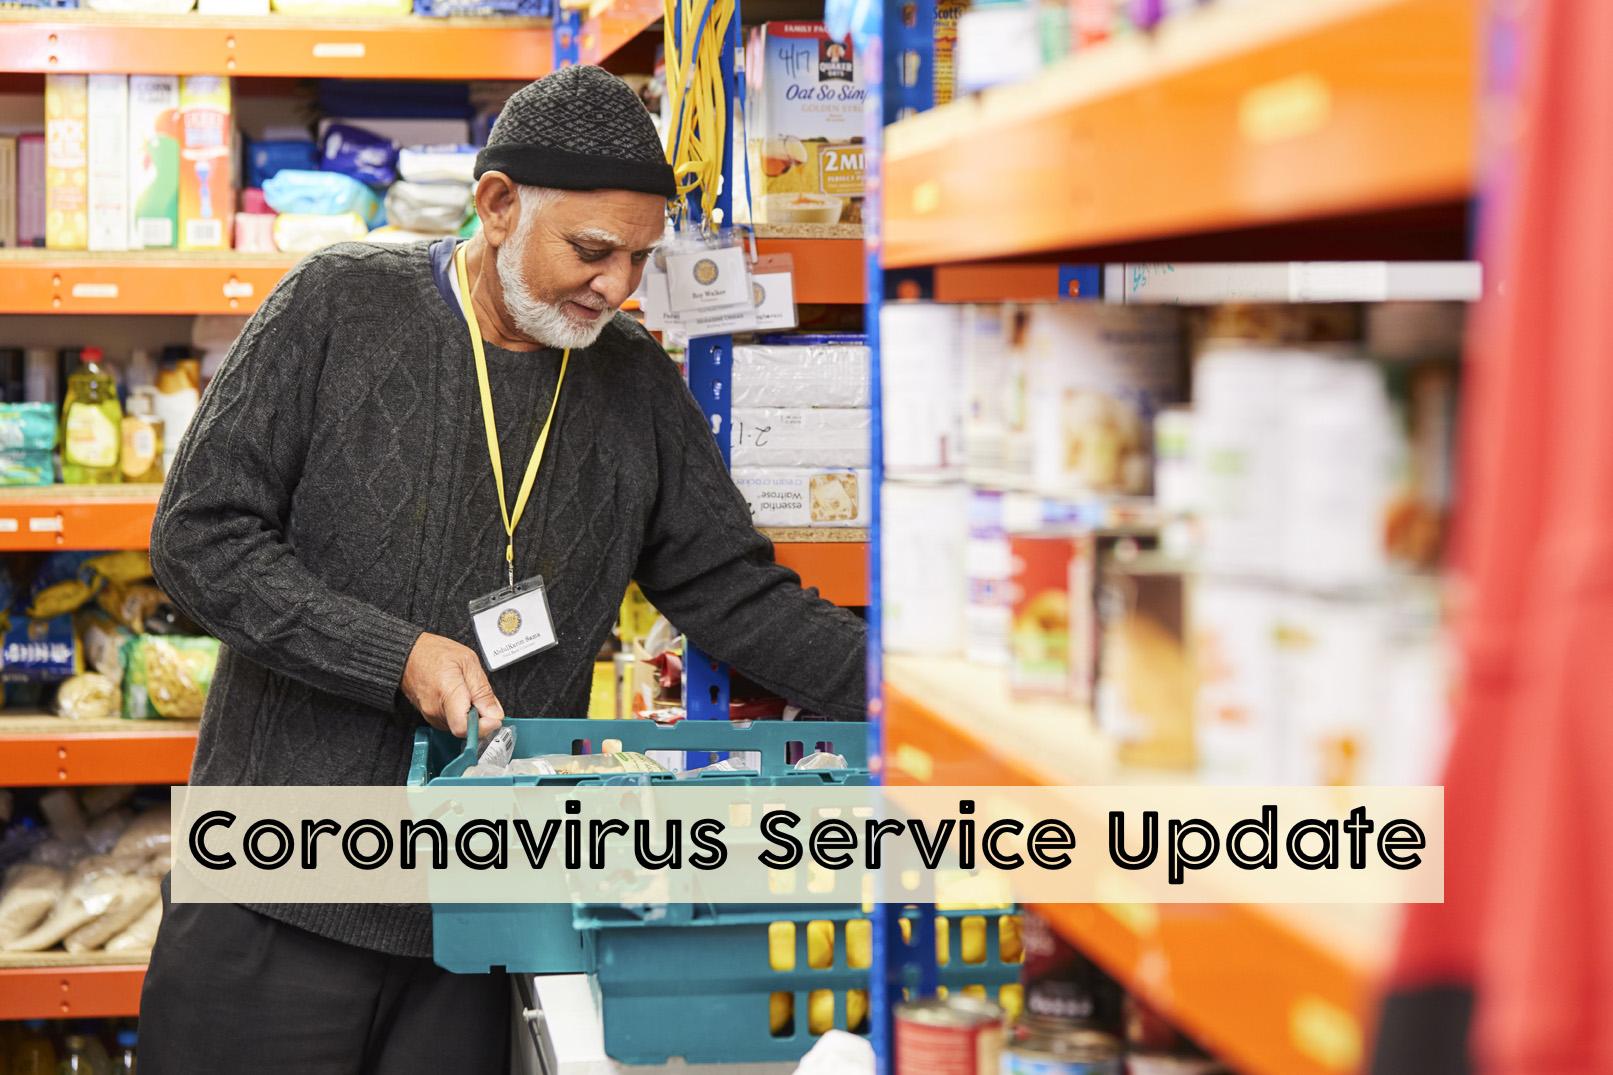 Coronavirus Service Update: 15 March 2020